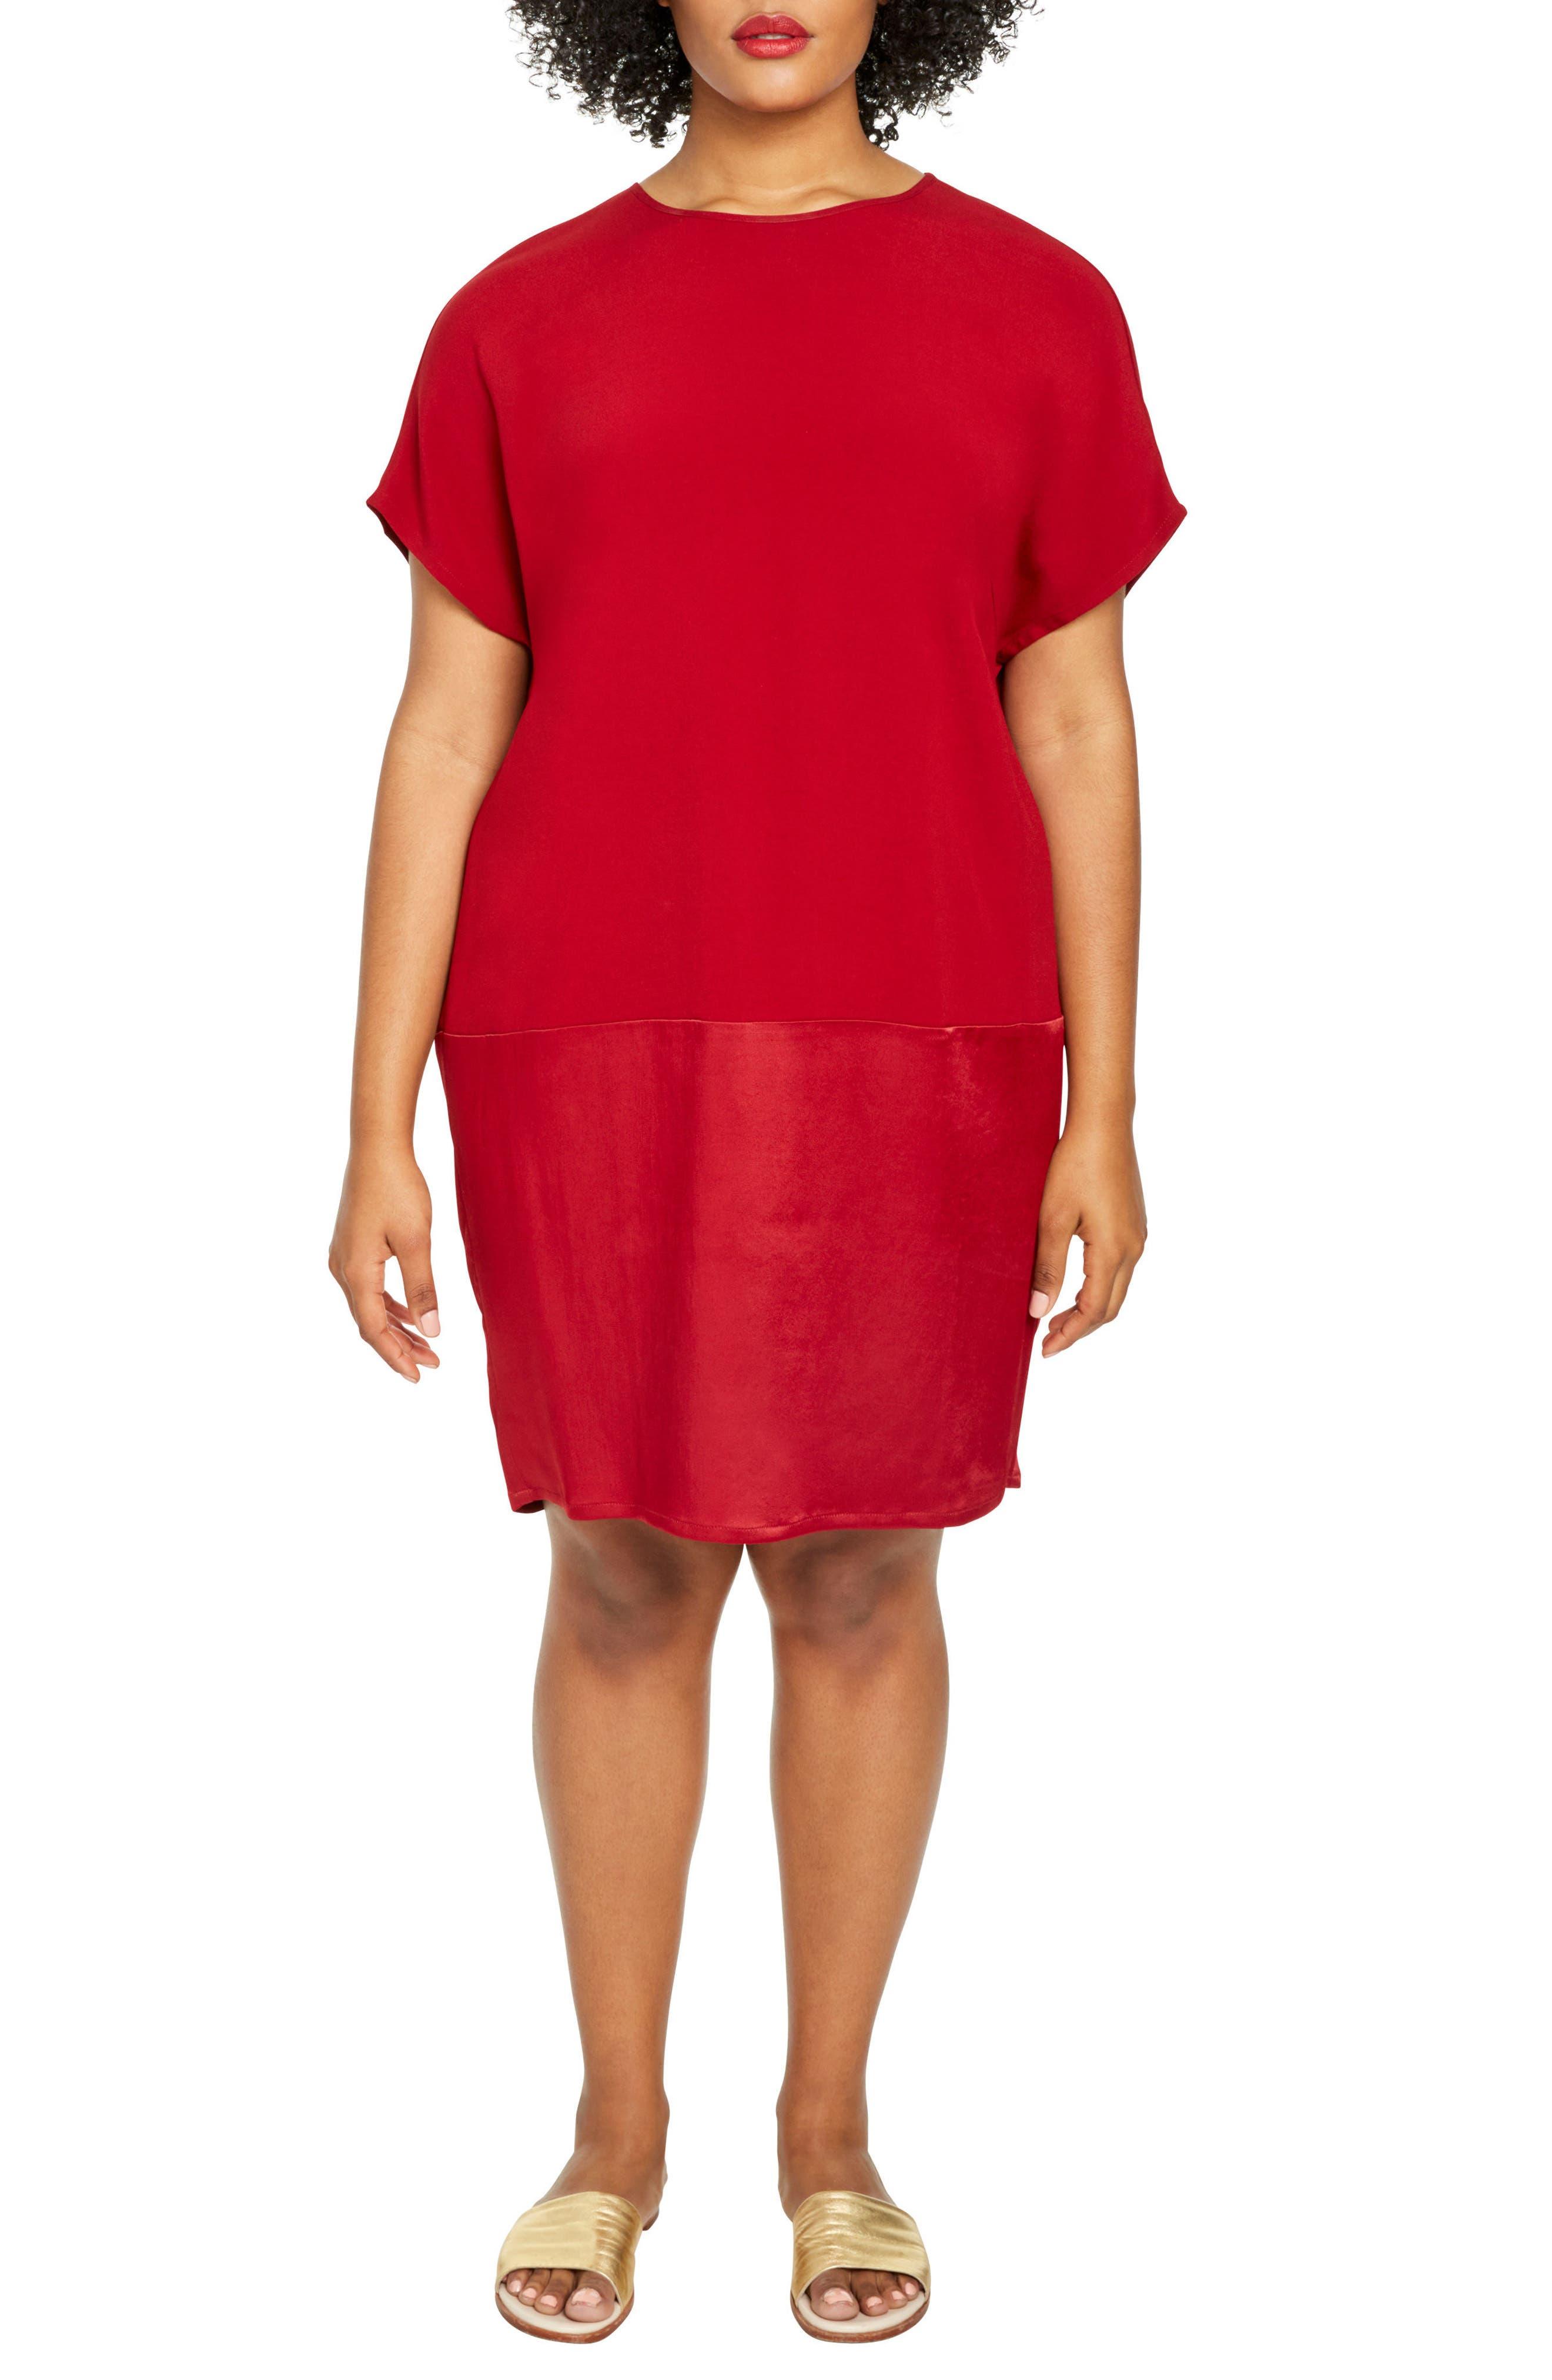 Avenir Drop Waist Dress,                         Main,                         color, Red Dahlia